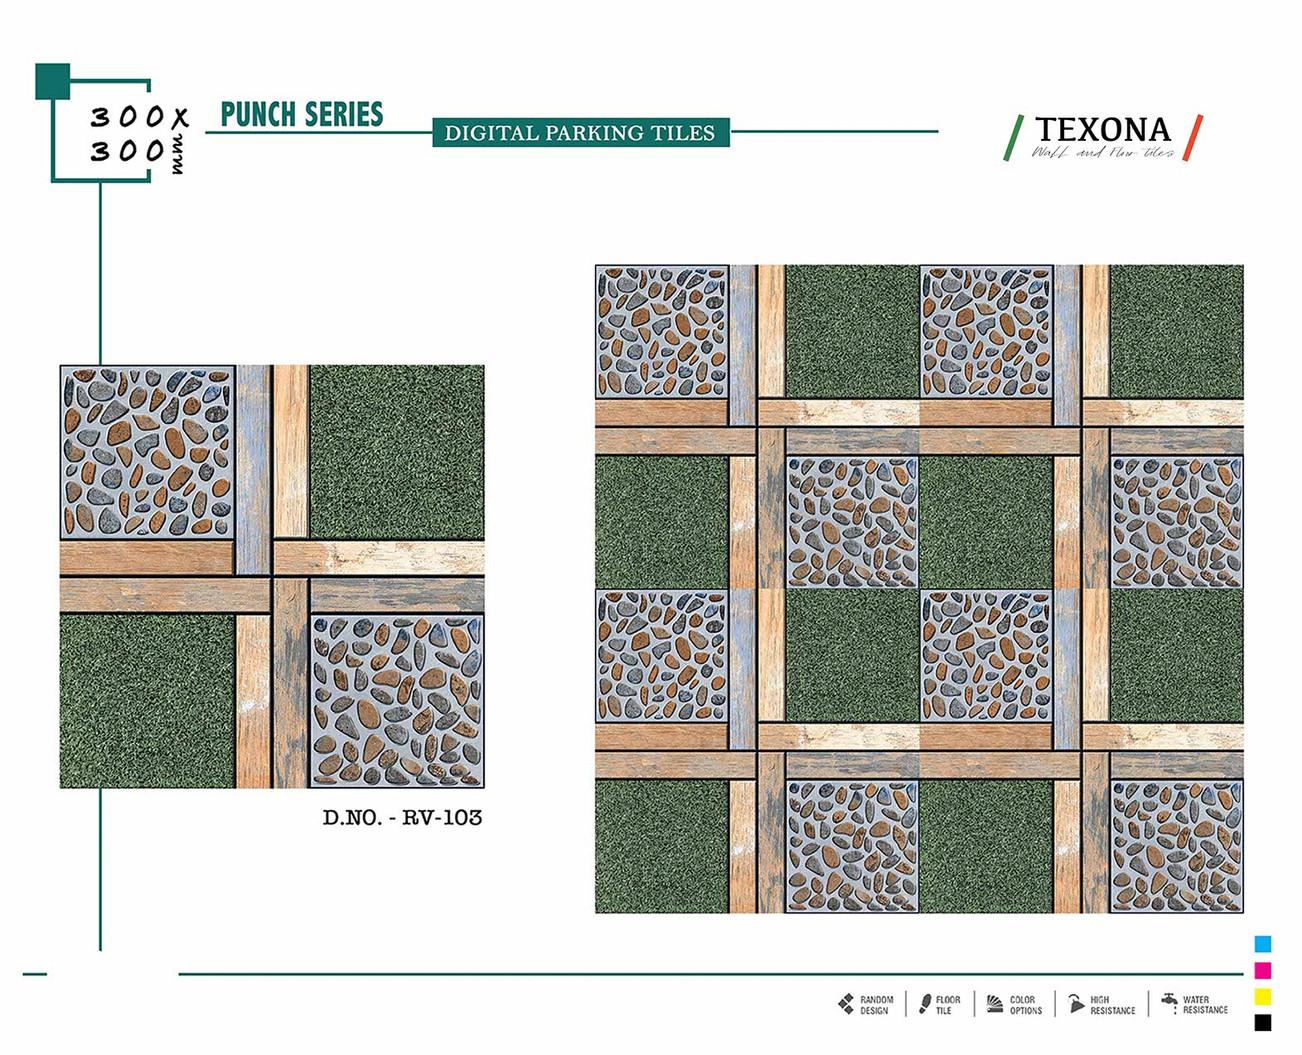 12X12 PARKING VOL.4_Page_39_Image_0001.j